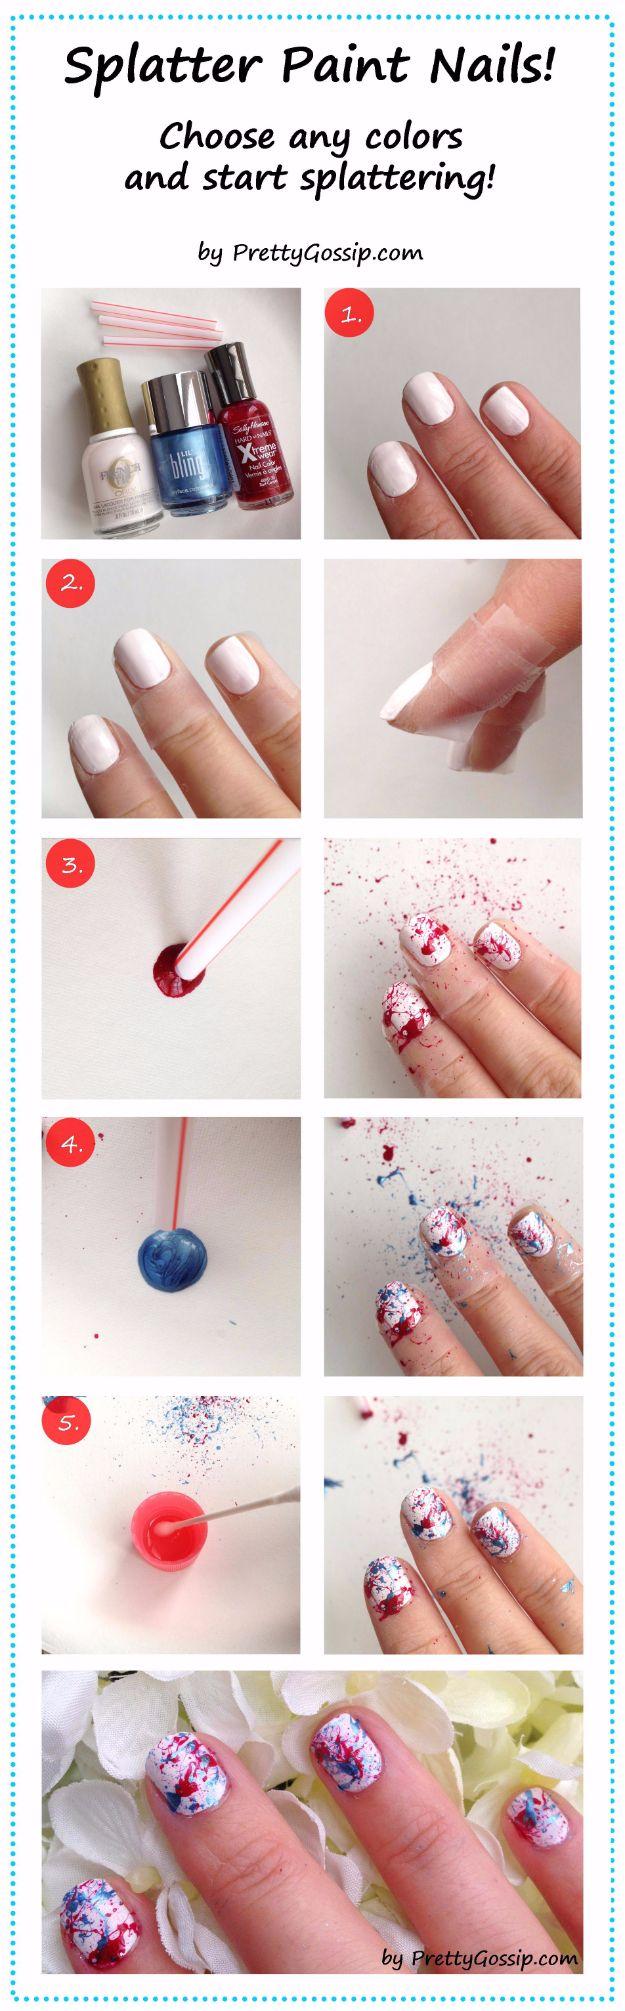 Как сделать маникюр в домашних условиях пошаговая инструкция фото ребёнку